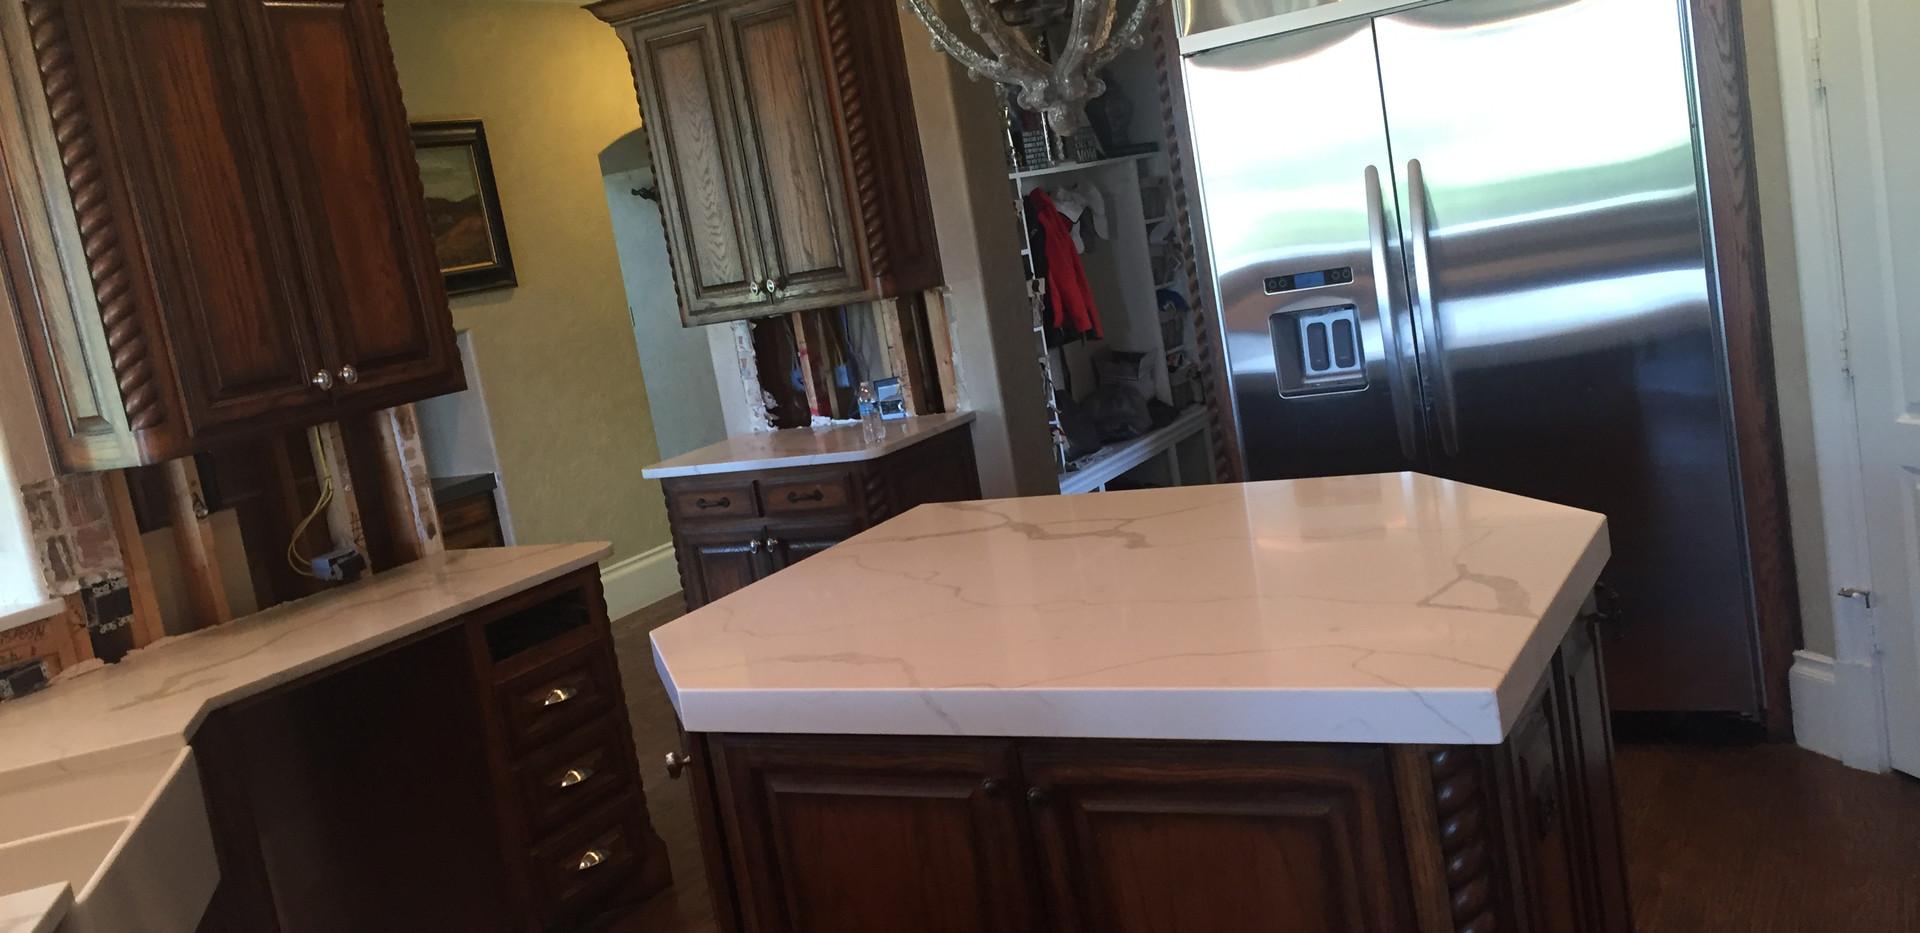 white_quartz_kitchen_countertops_island.